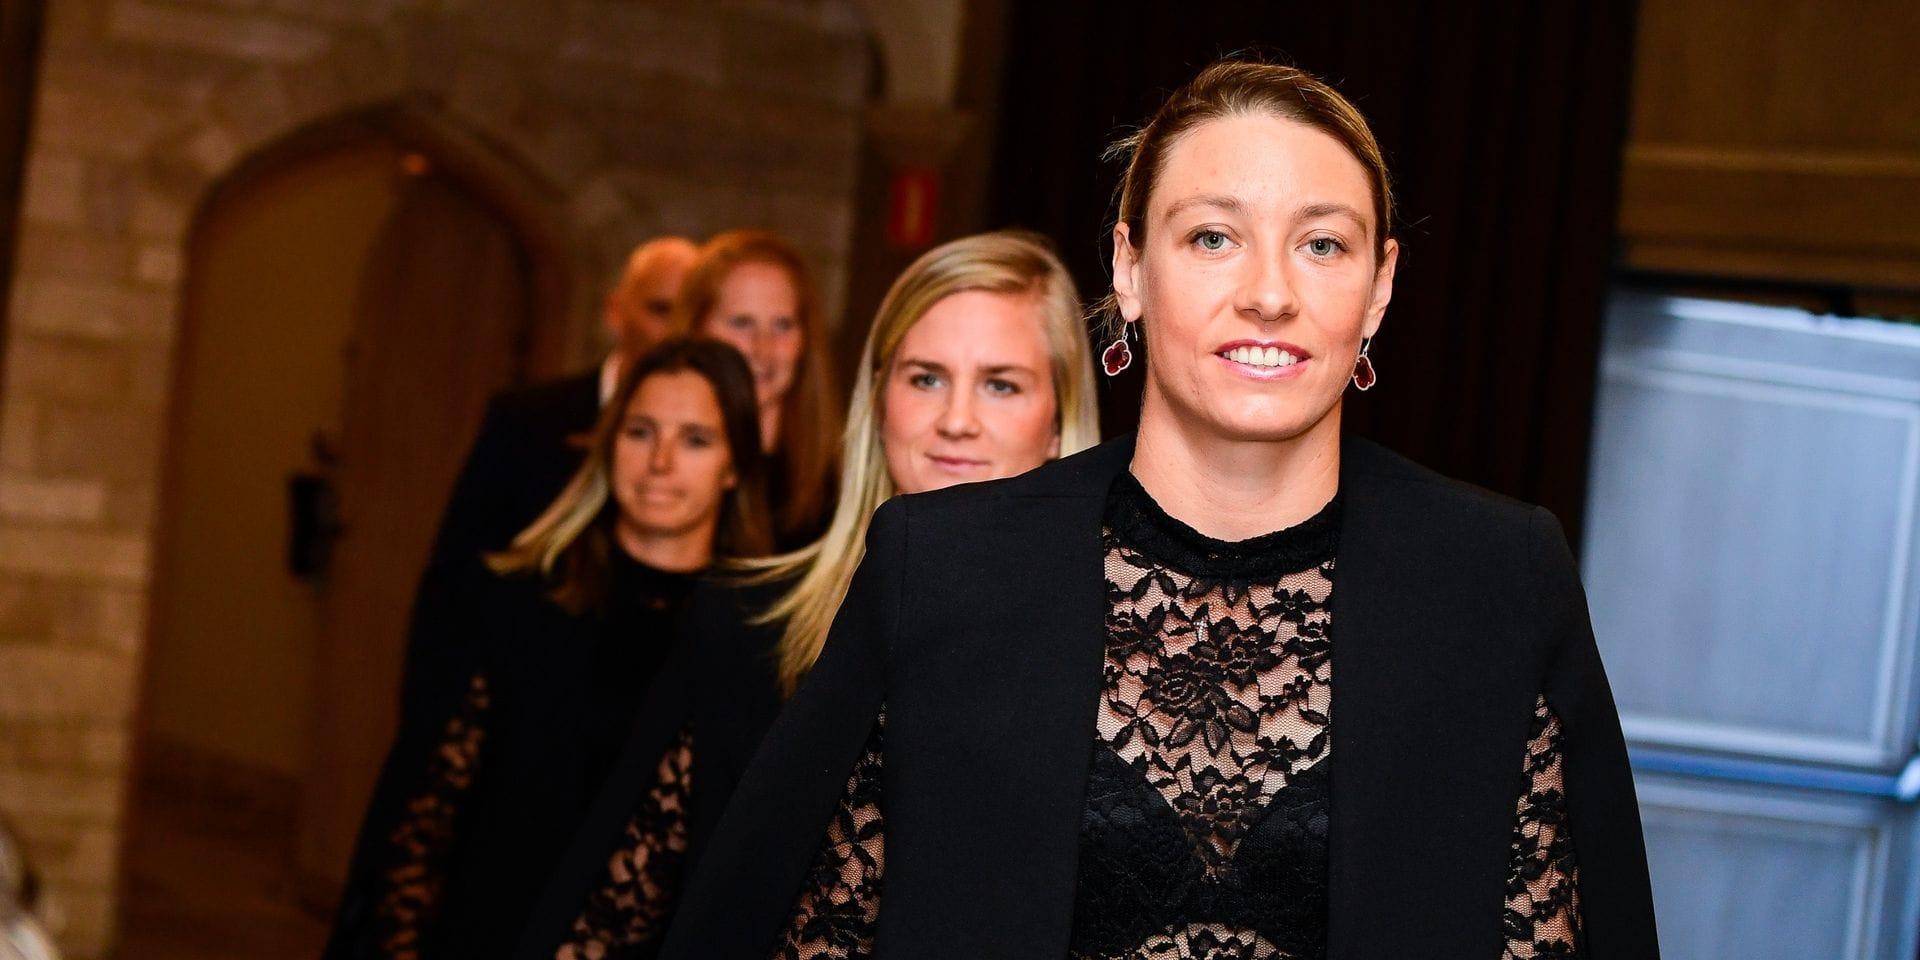 """Yanina Wickmayer, enceinte, apprécie la vie sans tennis: """"Je peux profiter du calme tout en me réjouissant des défis à venir"""""""